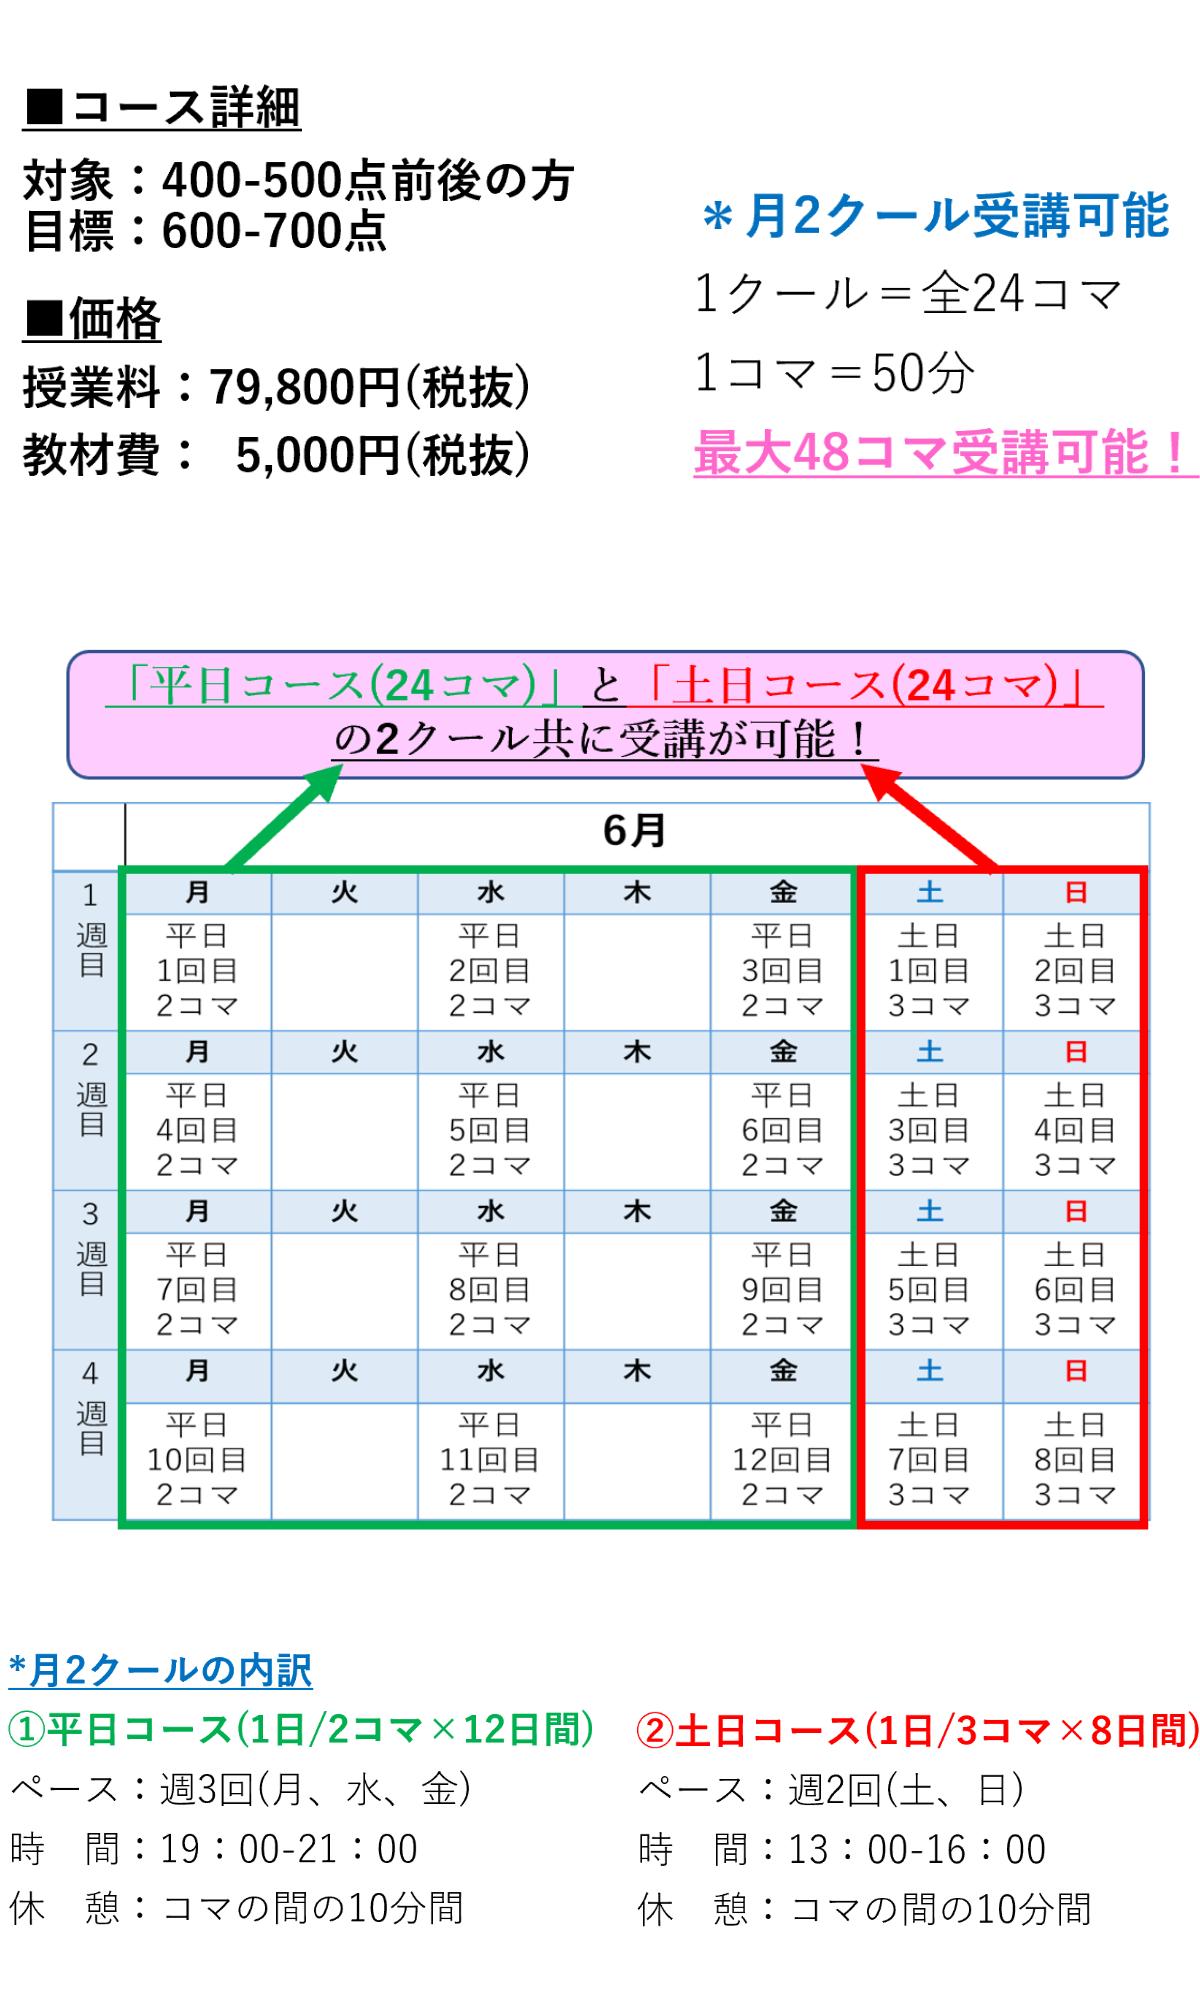 コース内容・料金